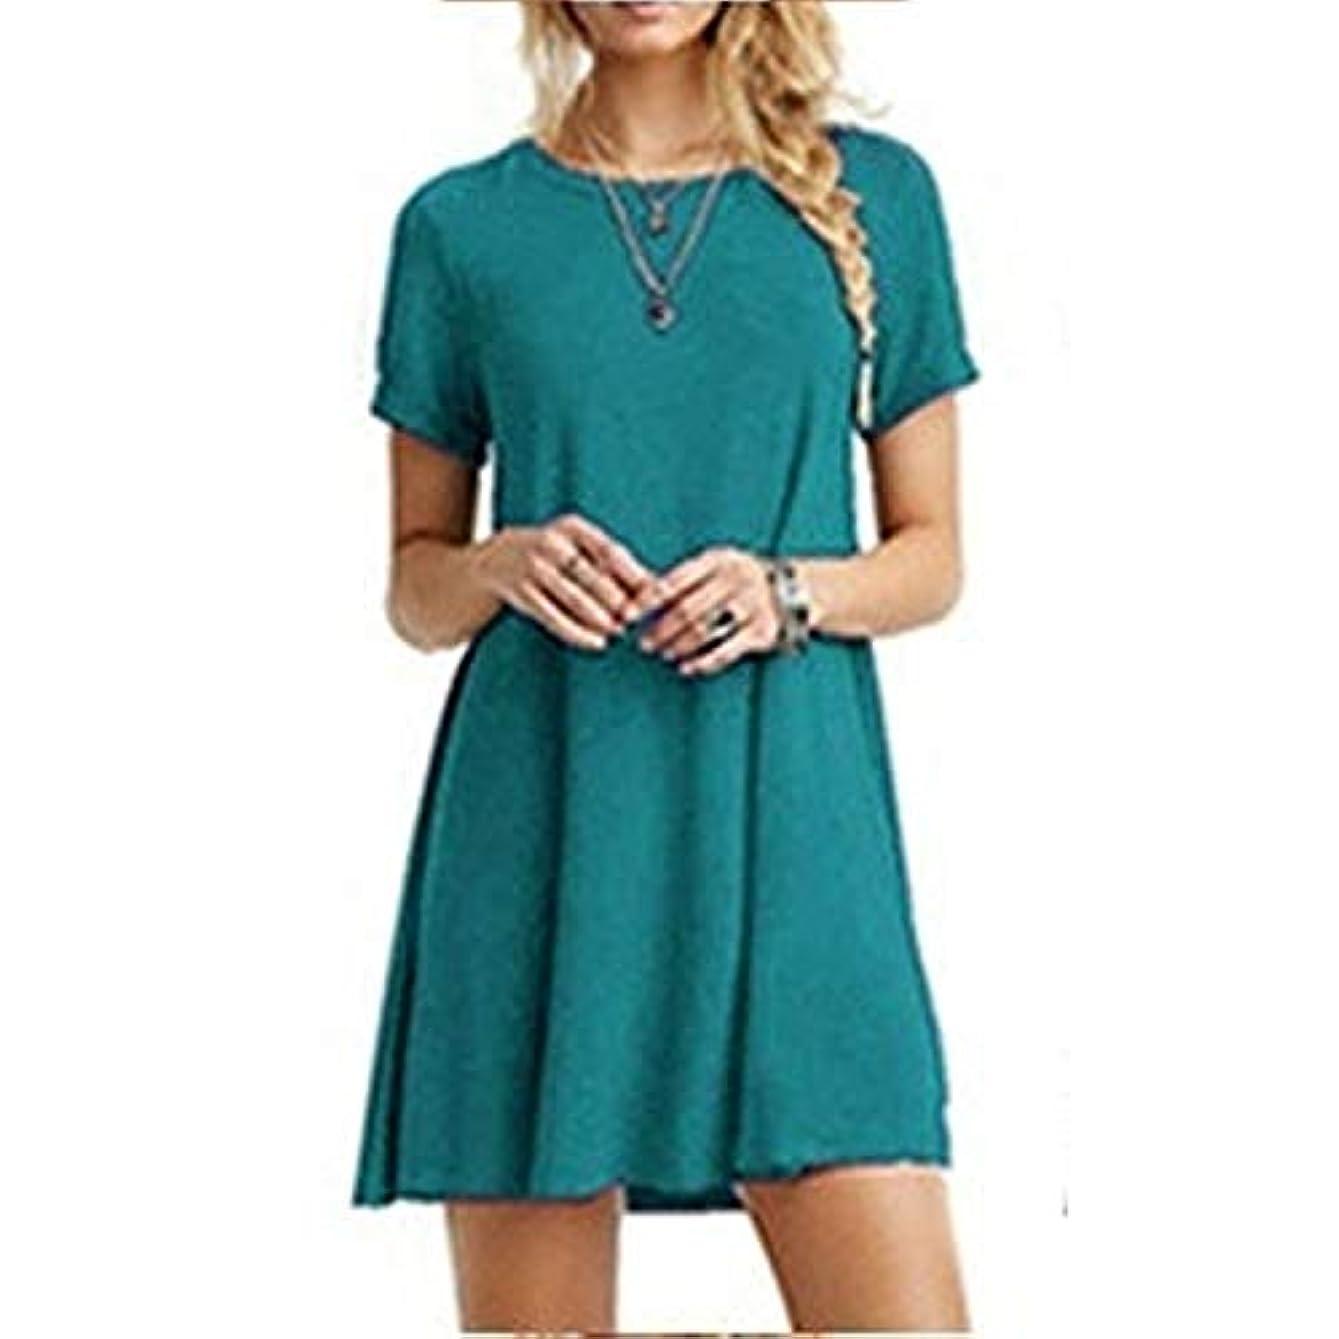 見物人あまりにも方程式MIFAN女性のファッション、カジュアル、ドレス、シャツ、コットン、半袖、無地、ミニ、ビーチドレス、プラスサイズのドレス